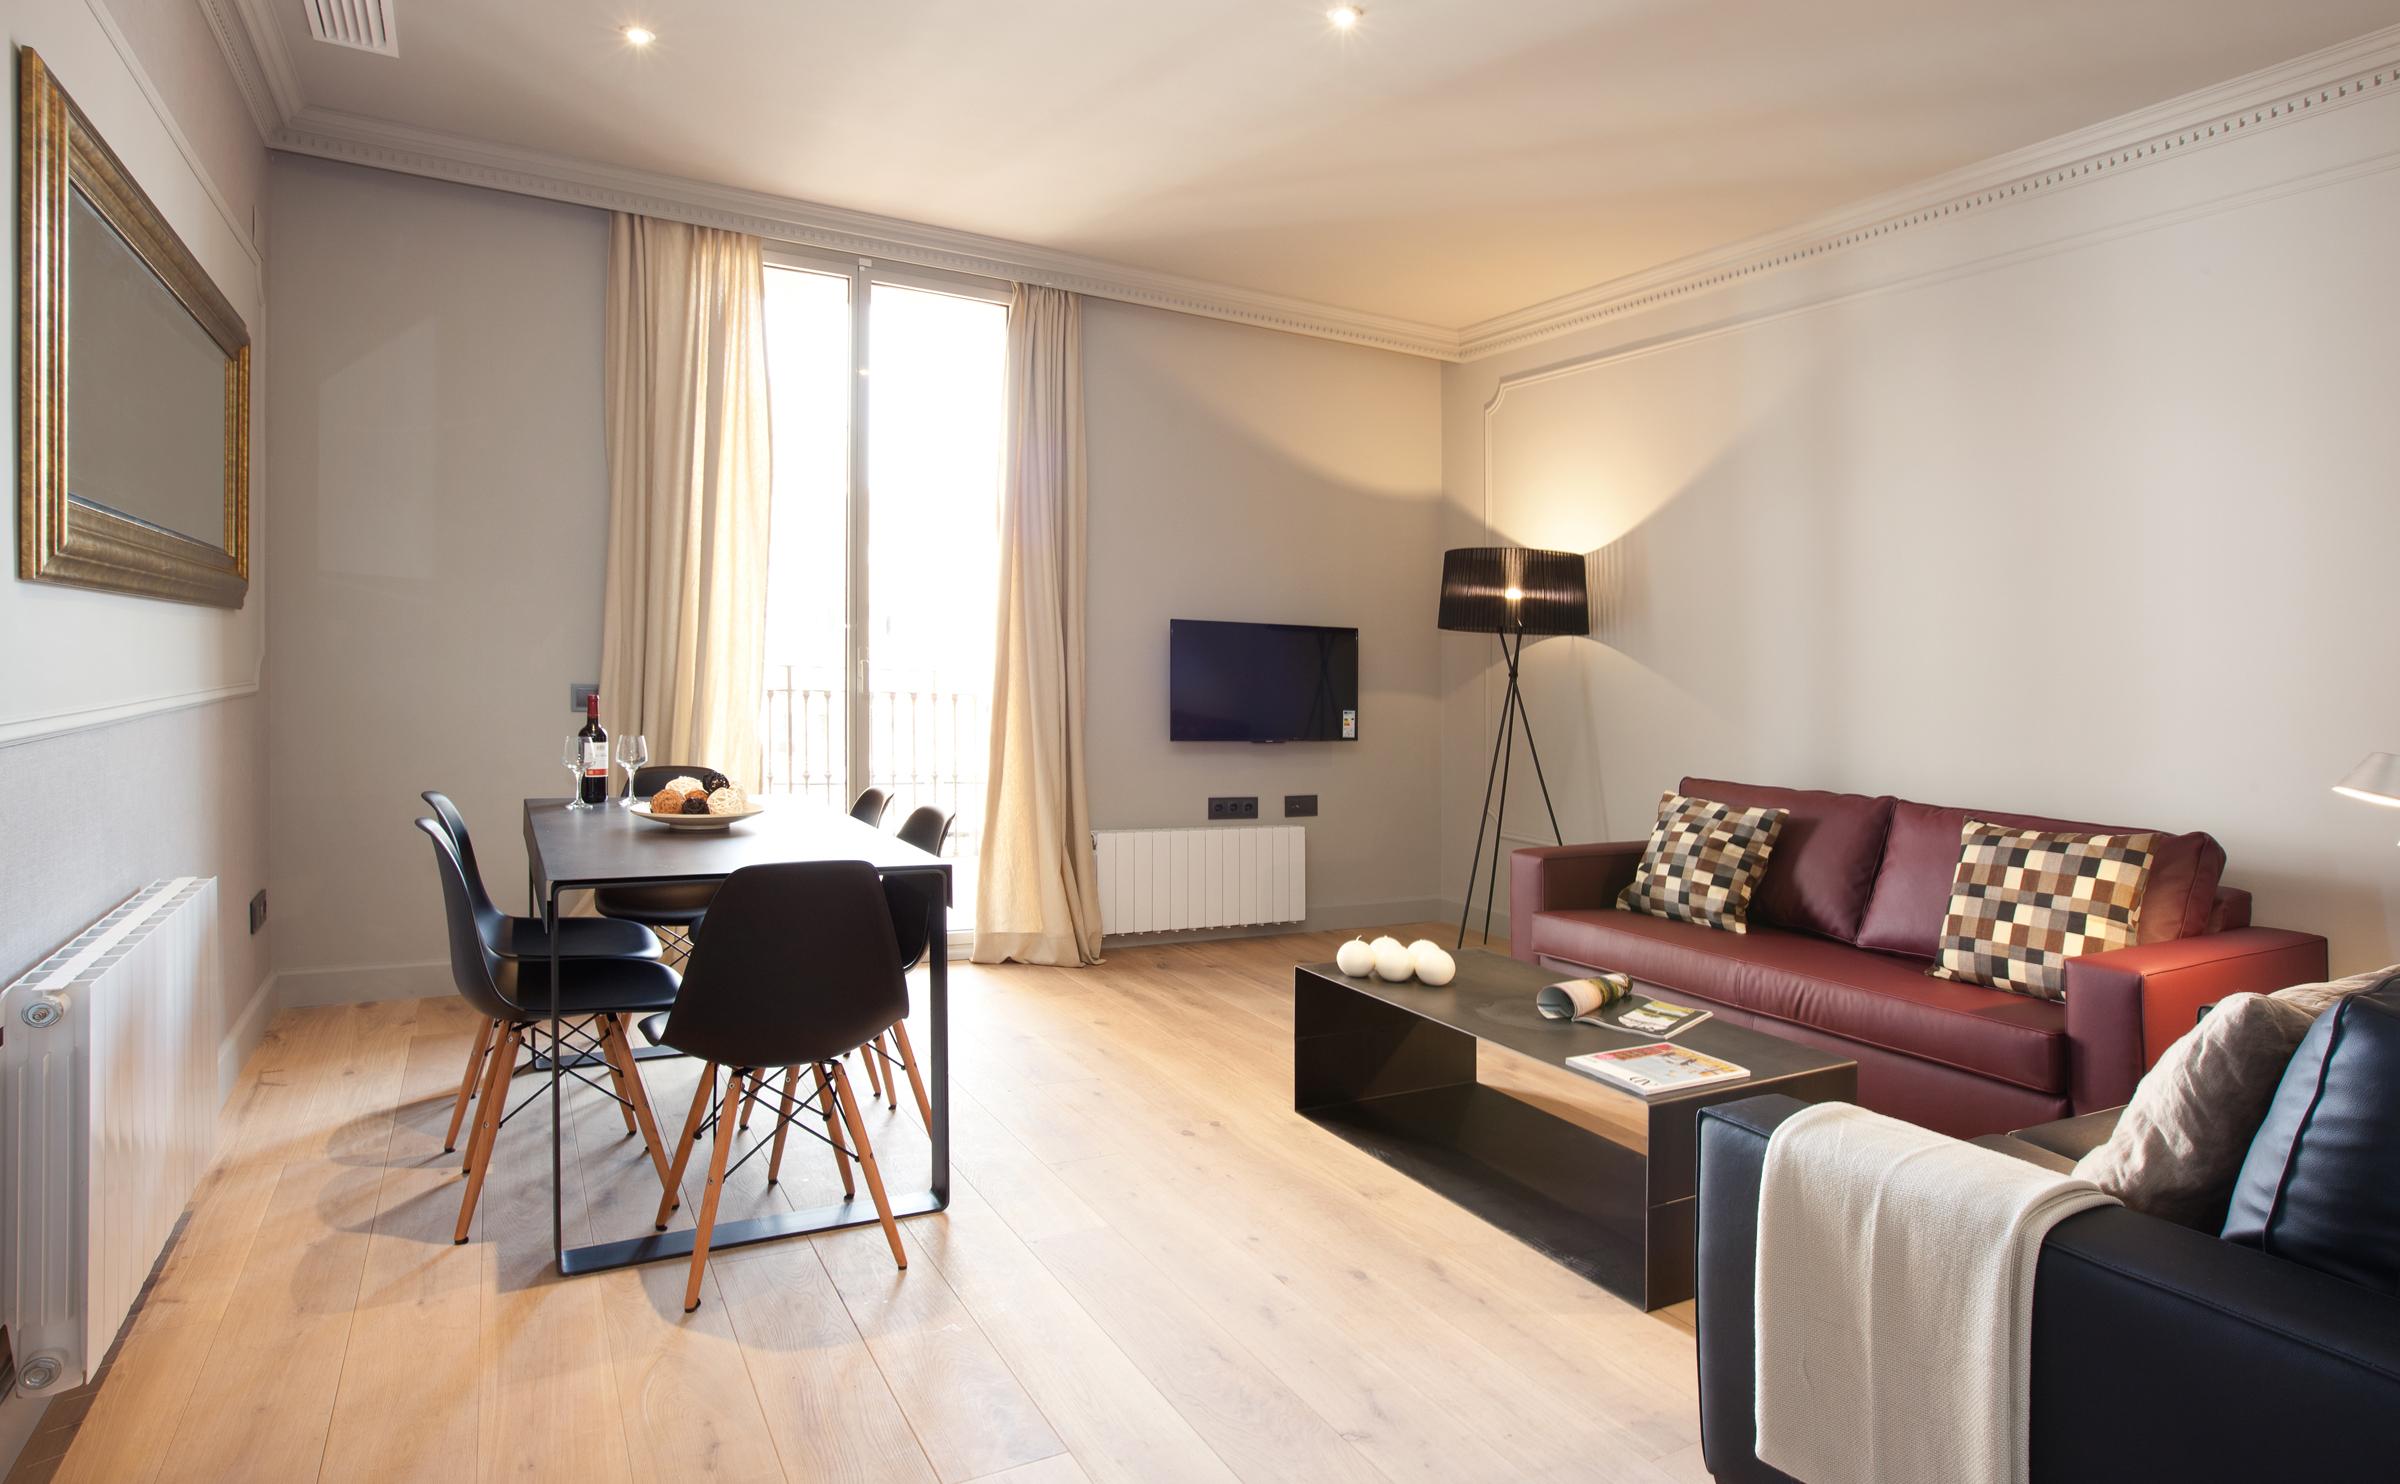 Wohnungen für medizinische Behandlungen   AB Apartment Barcelona